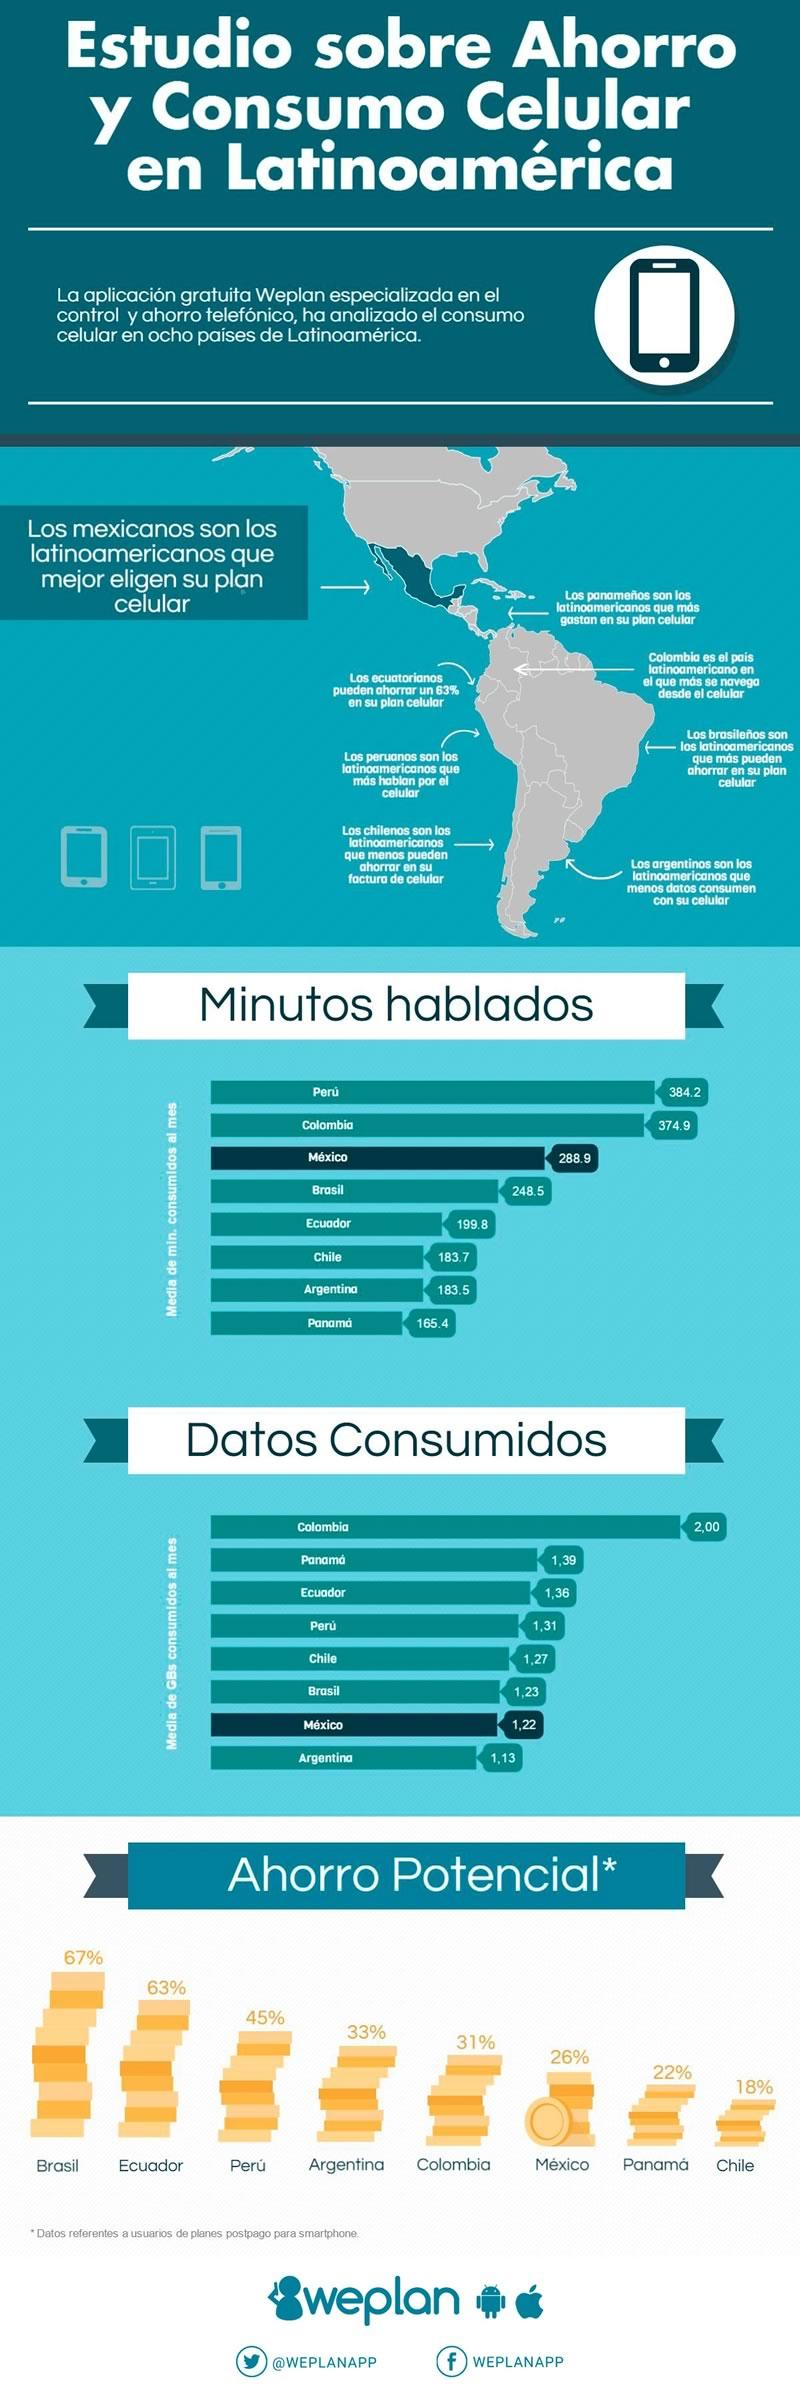 Mexicanos, los que mejor eligen su plan de celular en Latinoamérica - mexicanos-eligen-mejor-su-plan-de-celular-infografia1